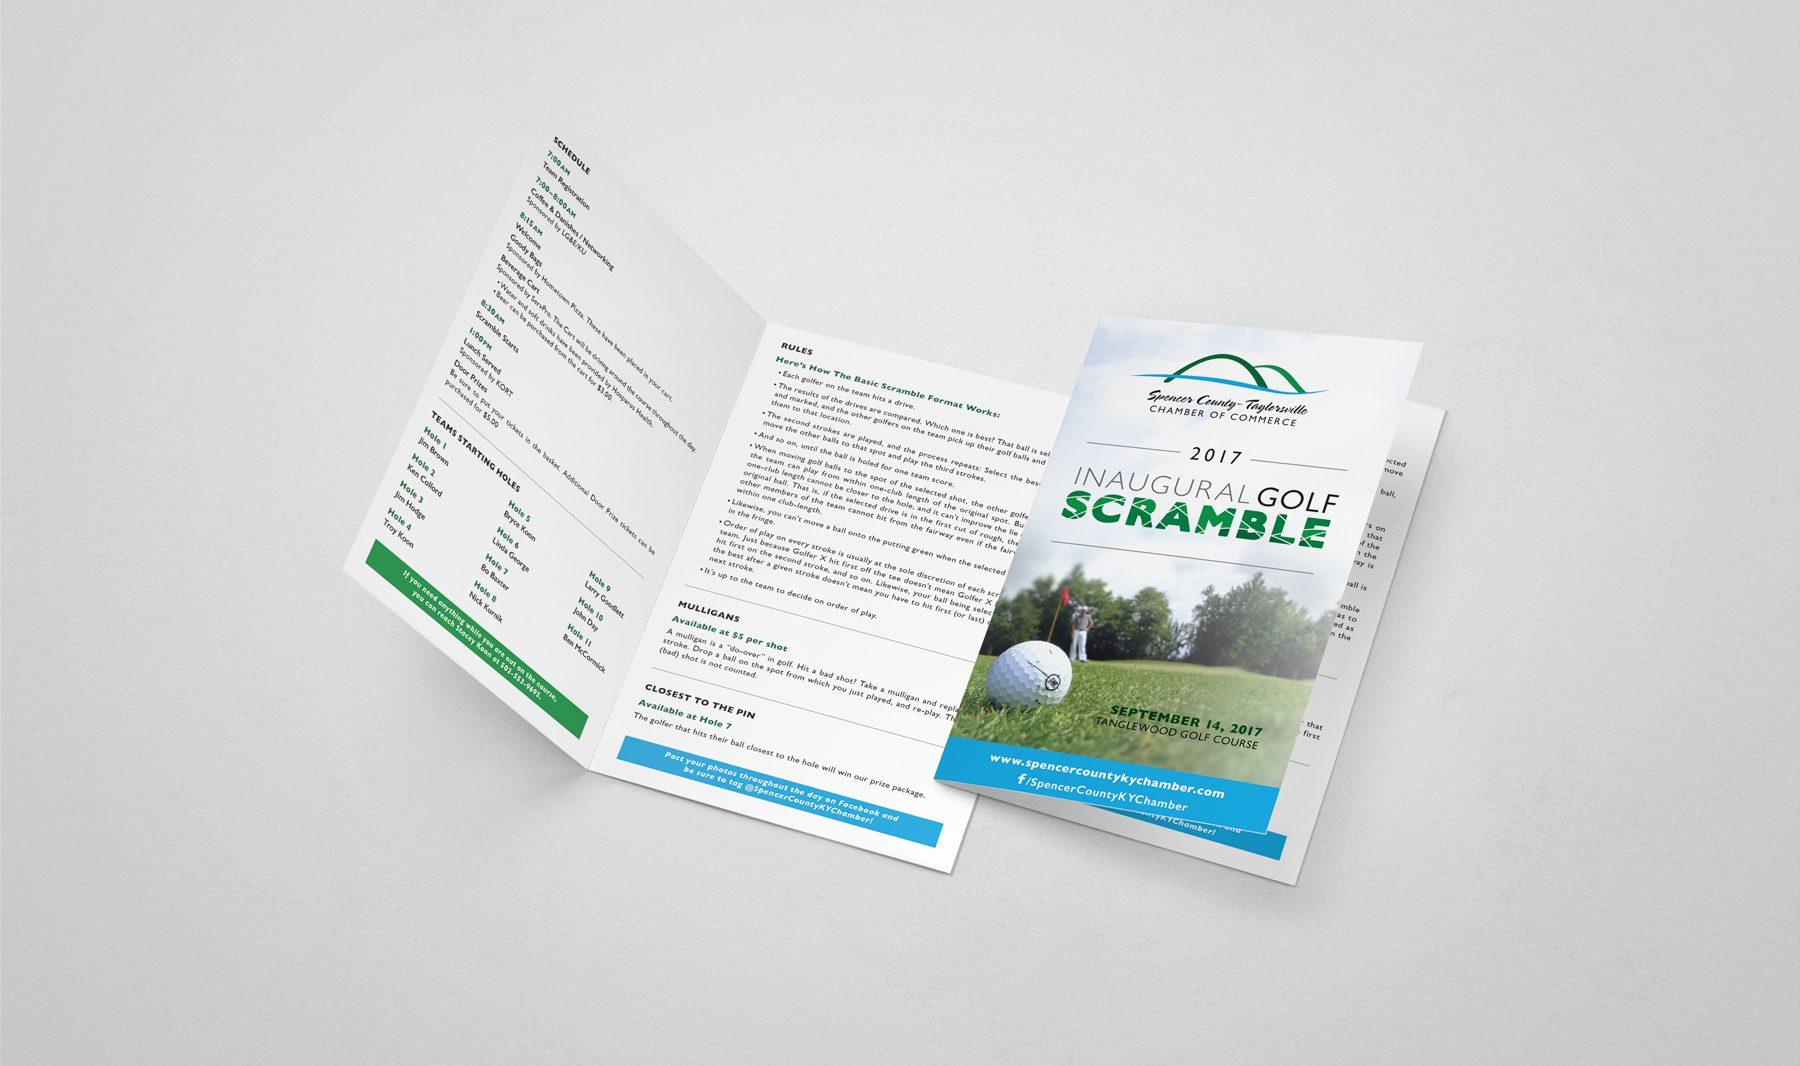 golf handout